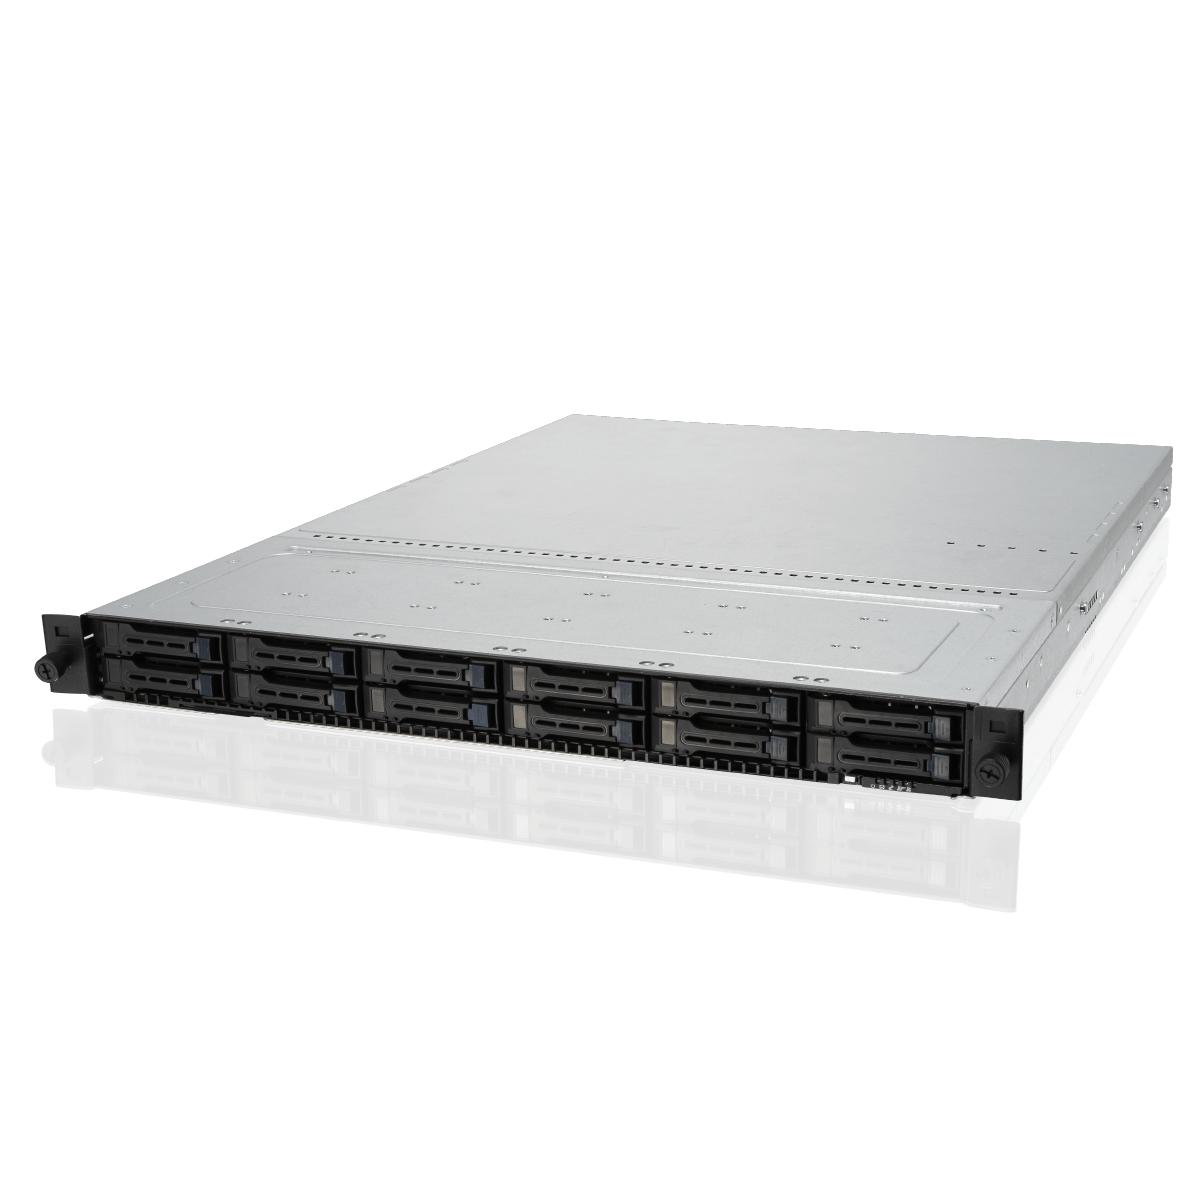 ASUS Server - RS500